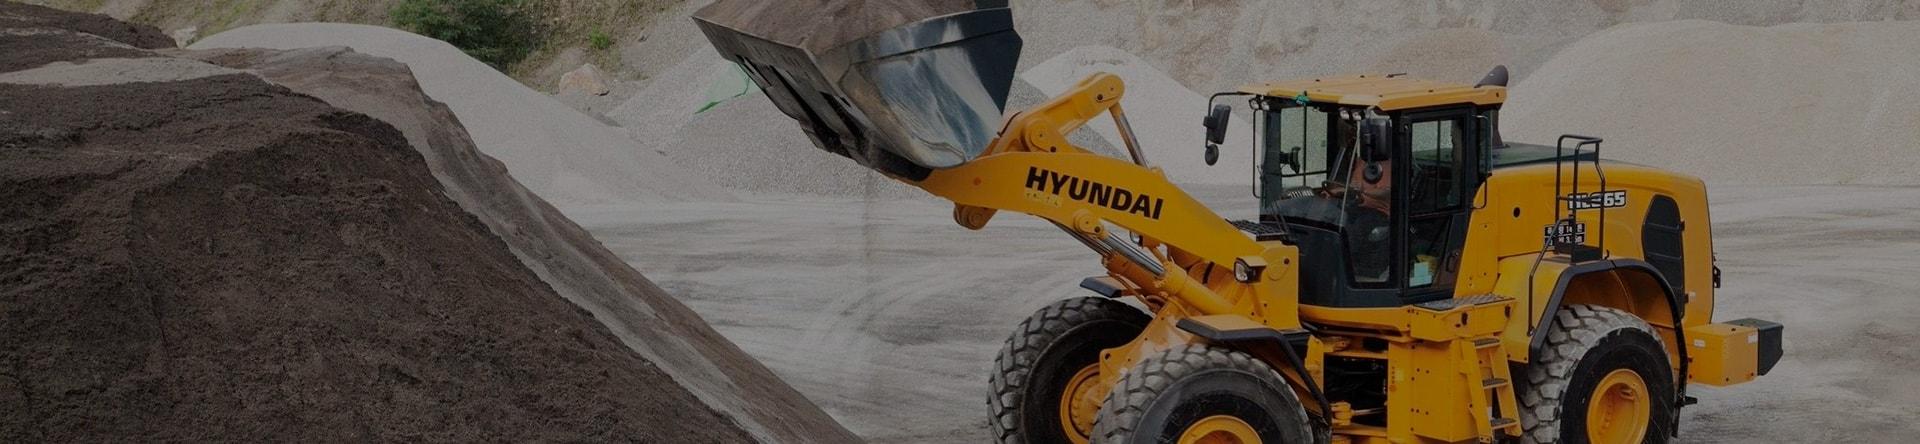 Peças Hyundai